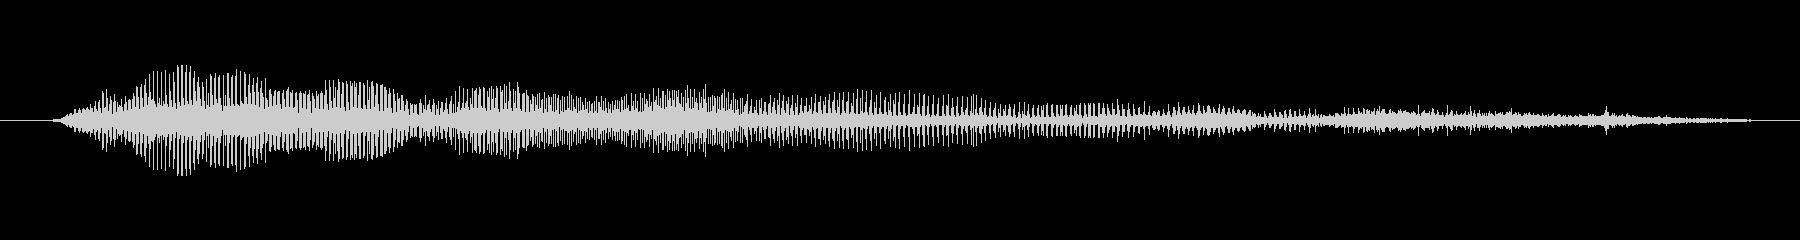 鳴き声 男性のうなり声疲れた02の未再生の波形